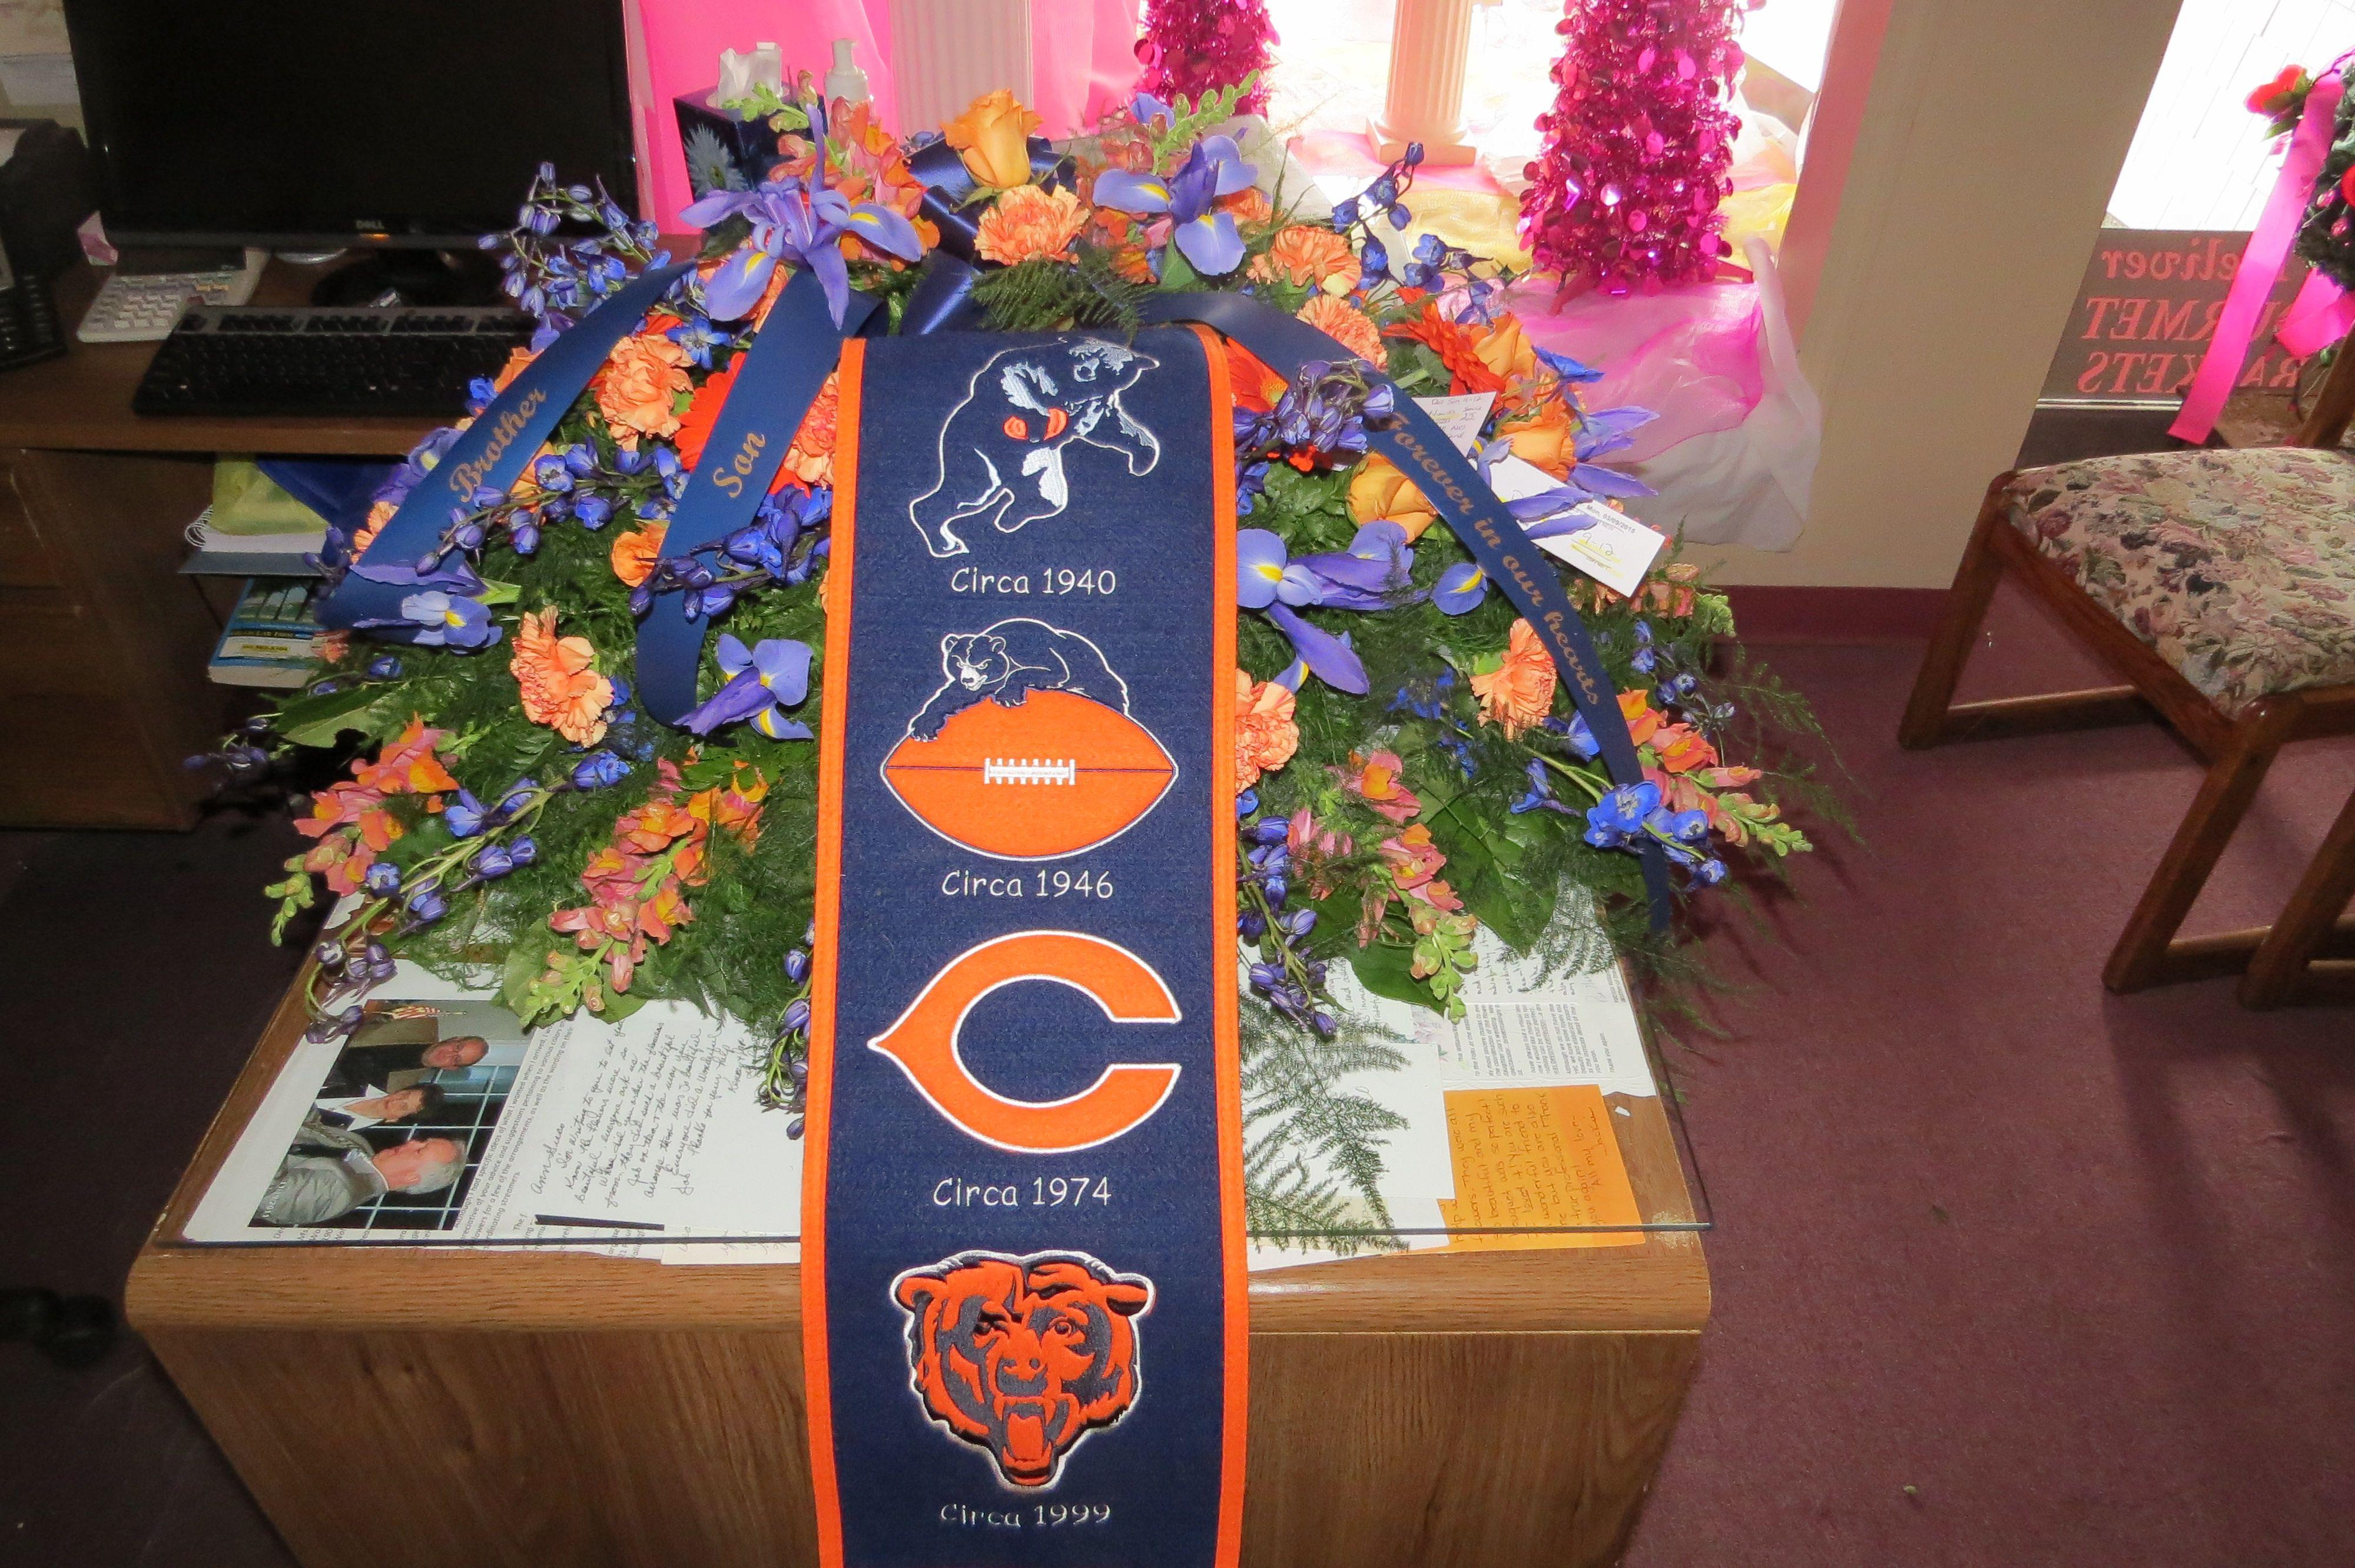 Custom funeral flowers by wallingford flowers wallingford ct custom funeral flowers by wallingford flowers wallingford ct chicago bears izmirmasajfo